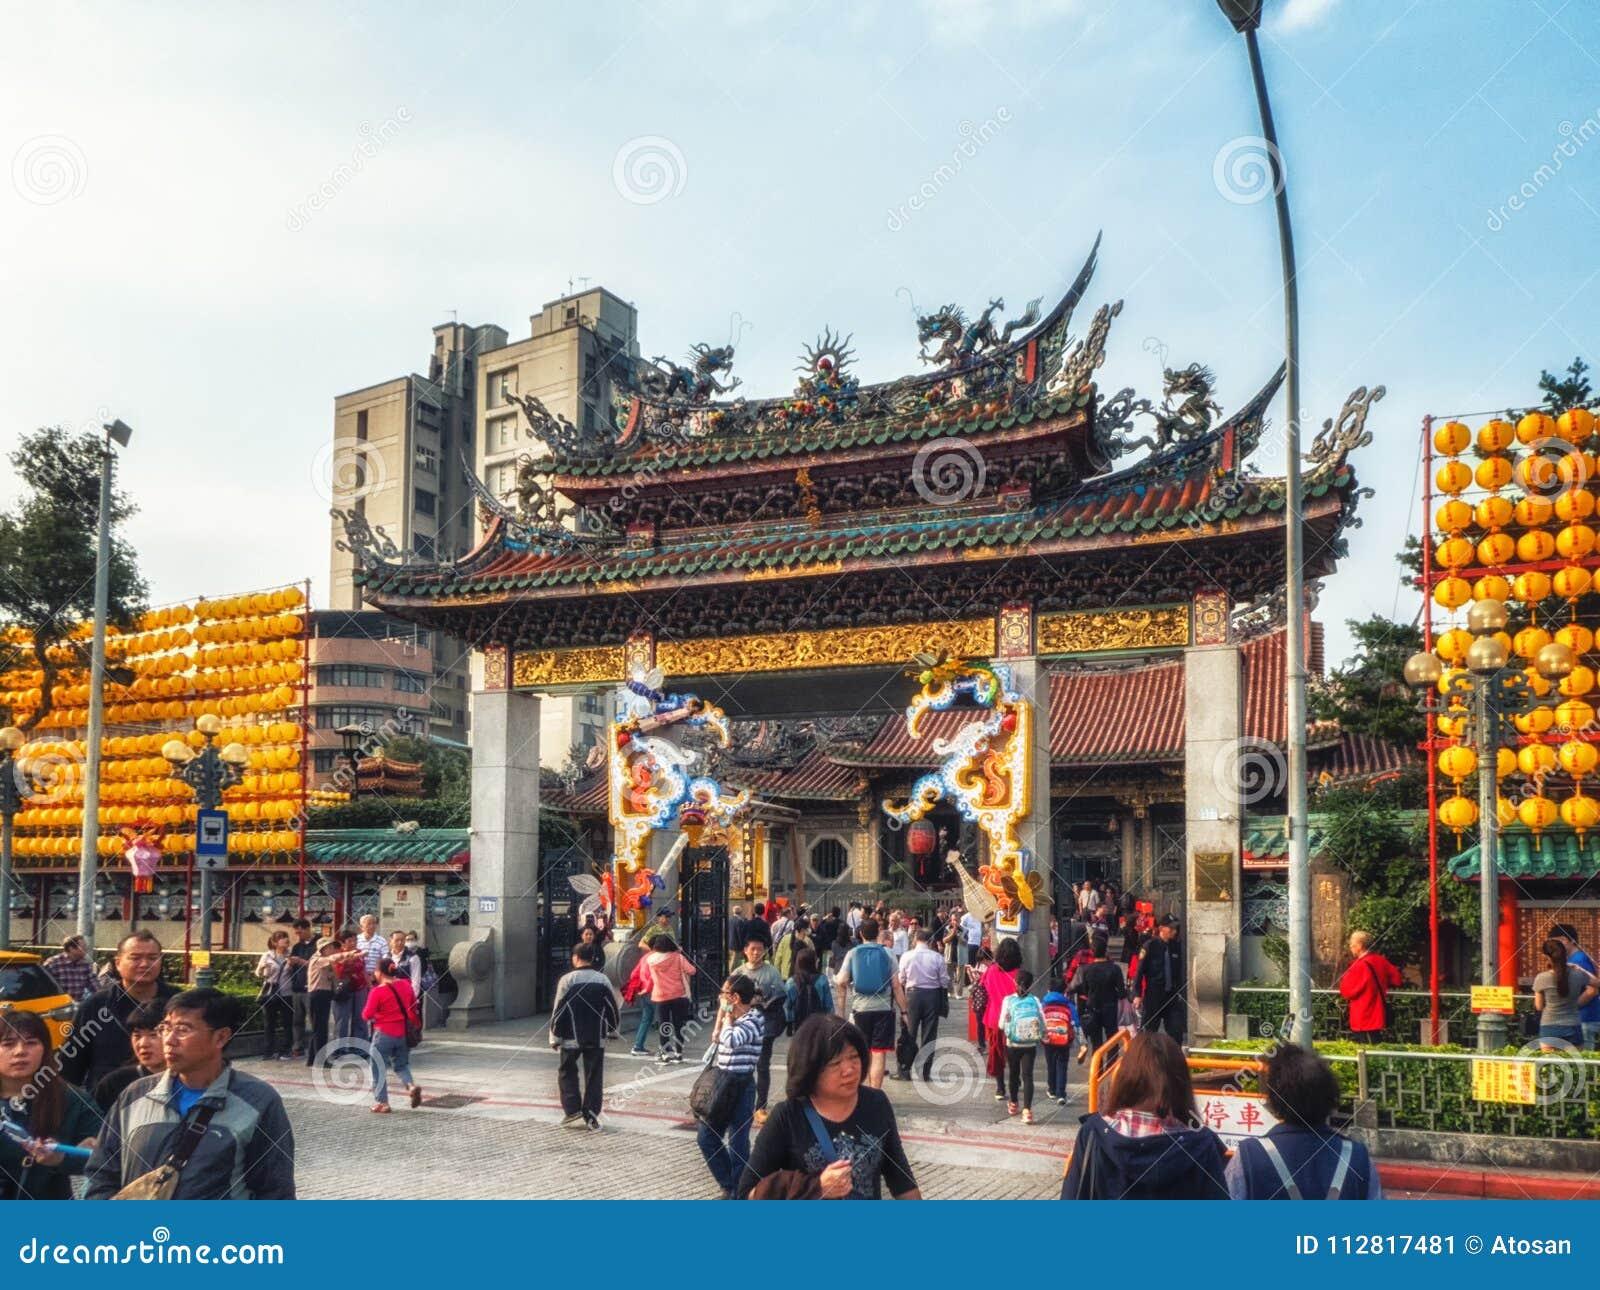 La Credenza Taipei : 讓我最驚訝的一道菜 picture of l origine by la credenza nangang